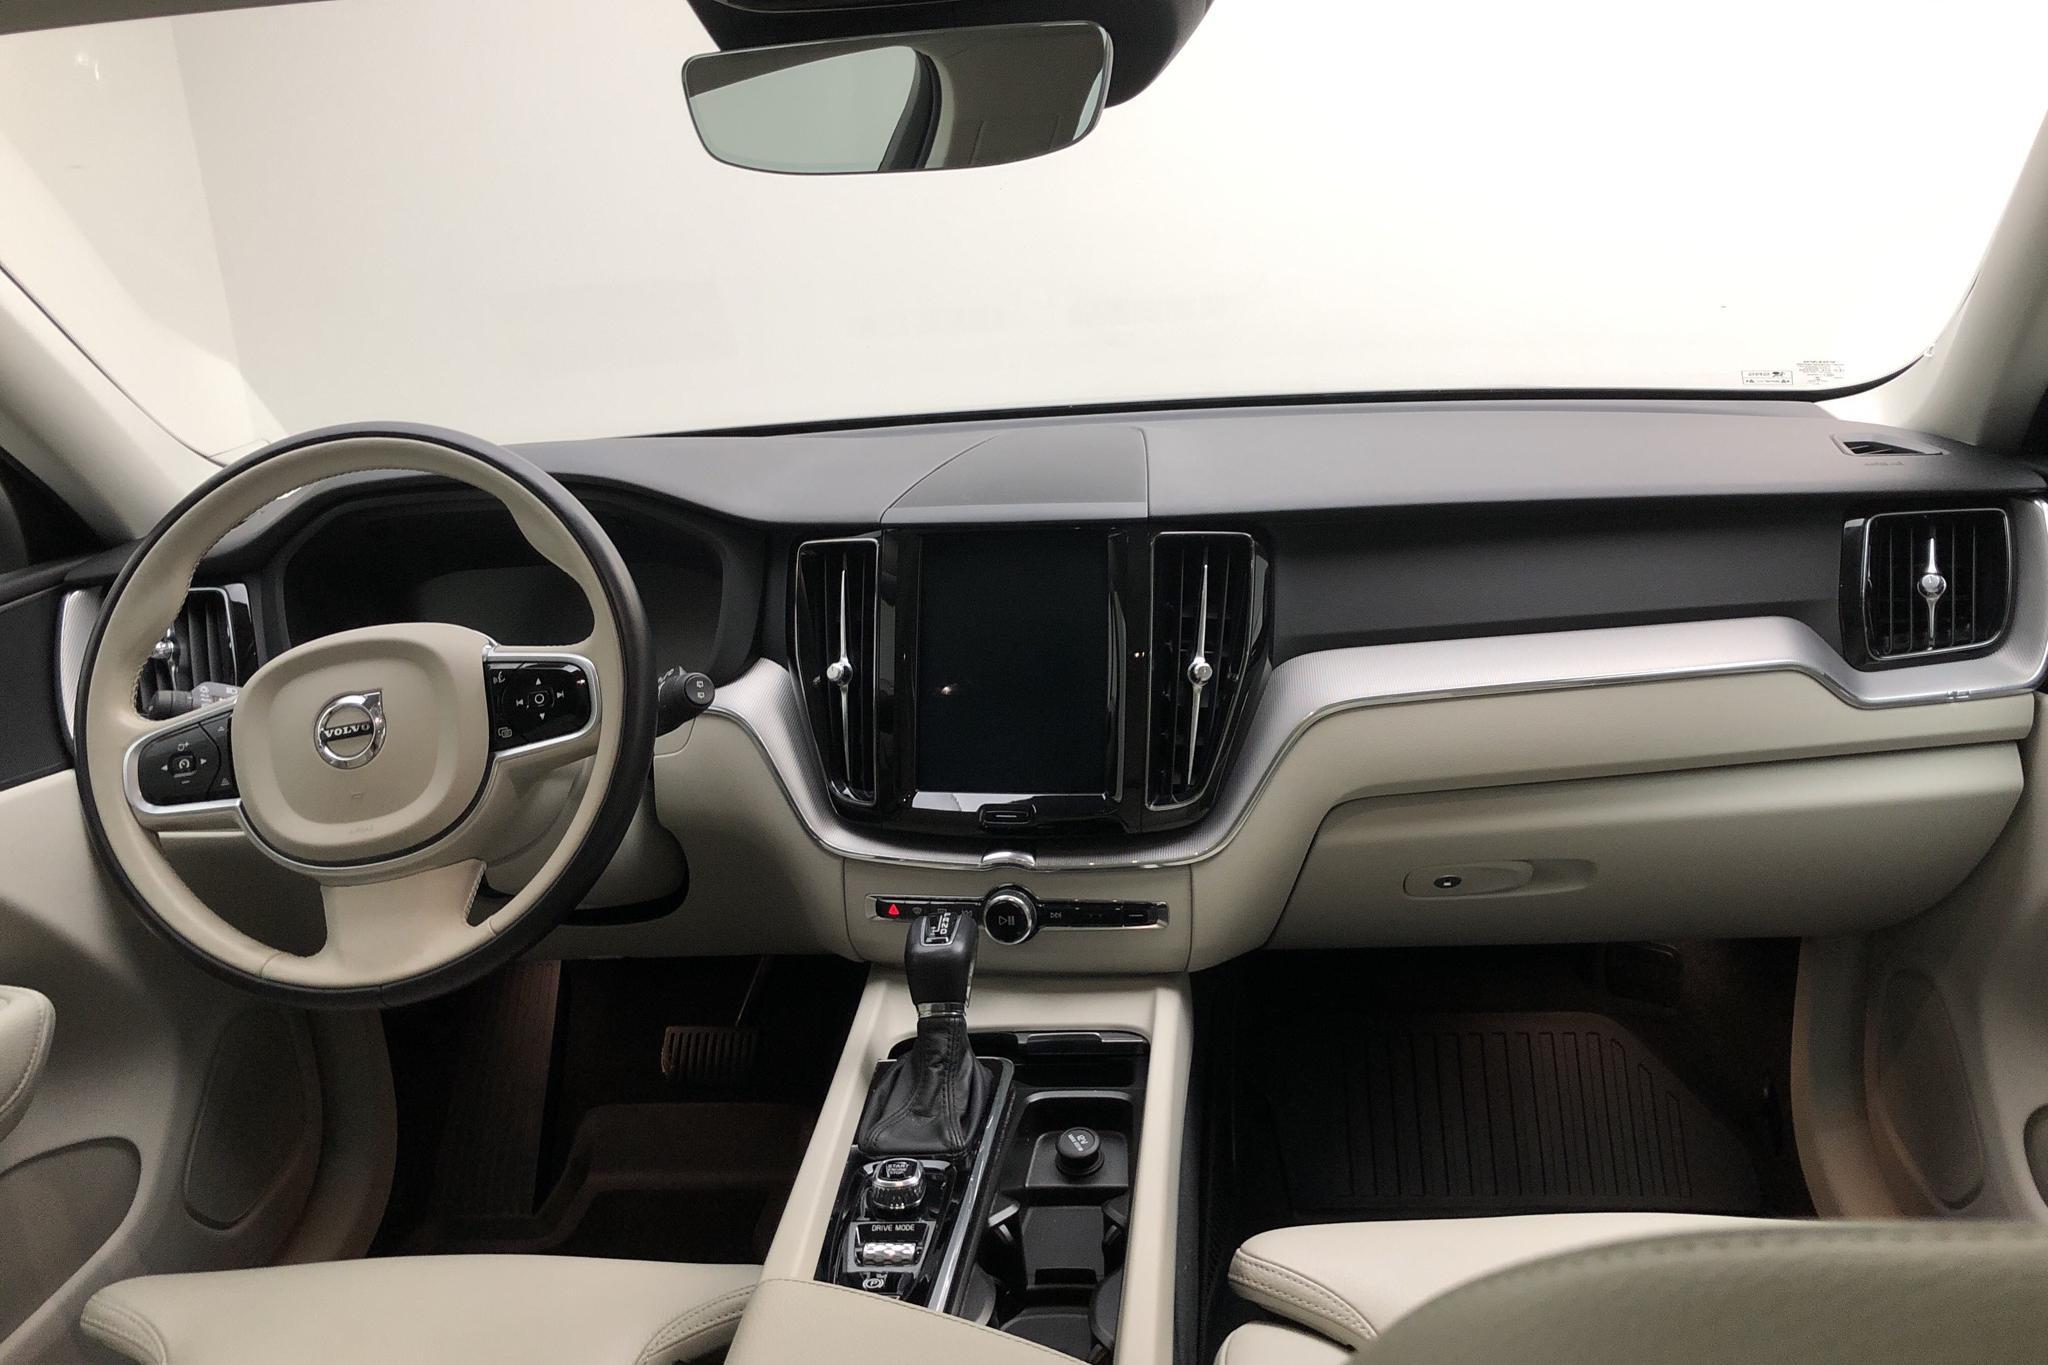 Volvo XC60 D4 AWD (190hk) - 91 010 km - Automatic - Dark Grey - 2018